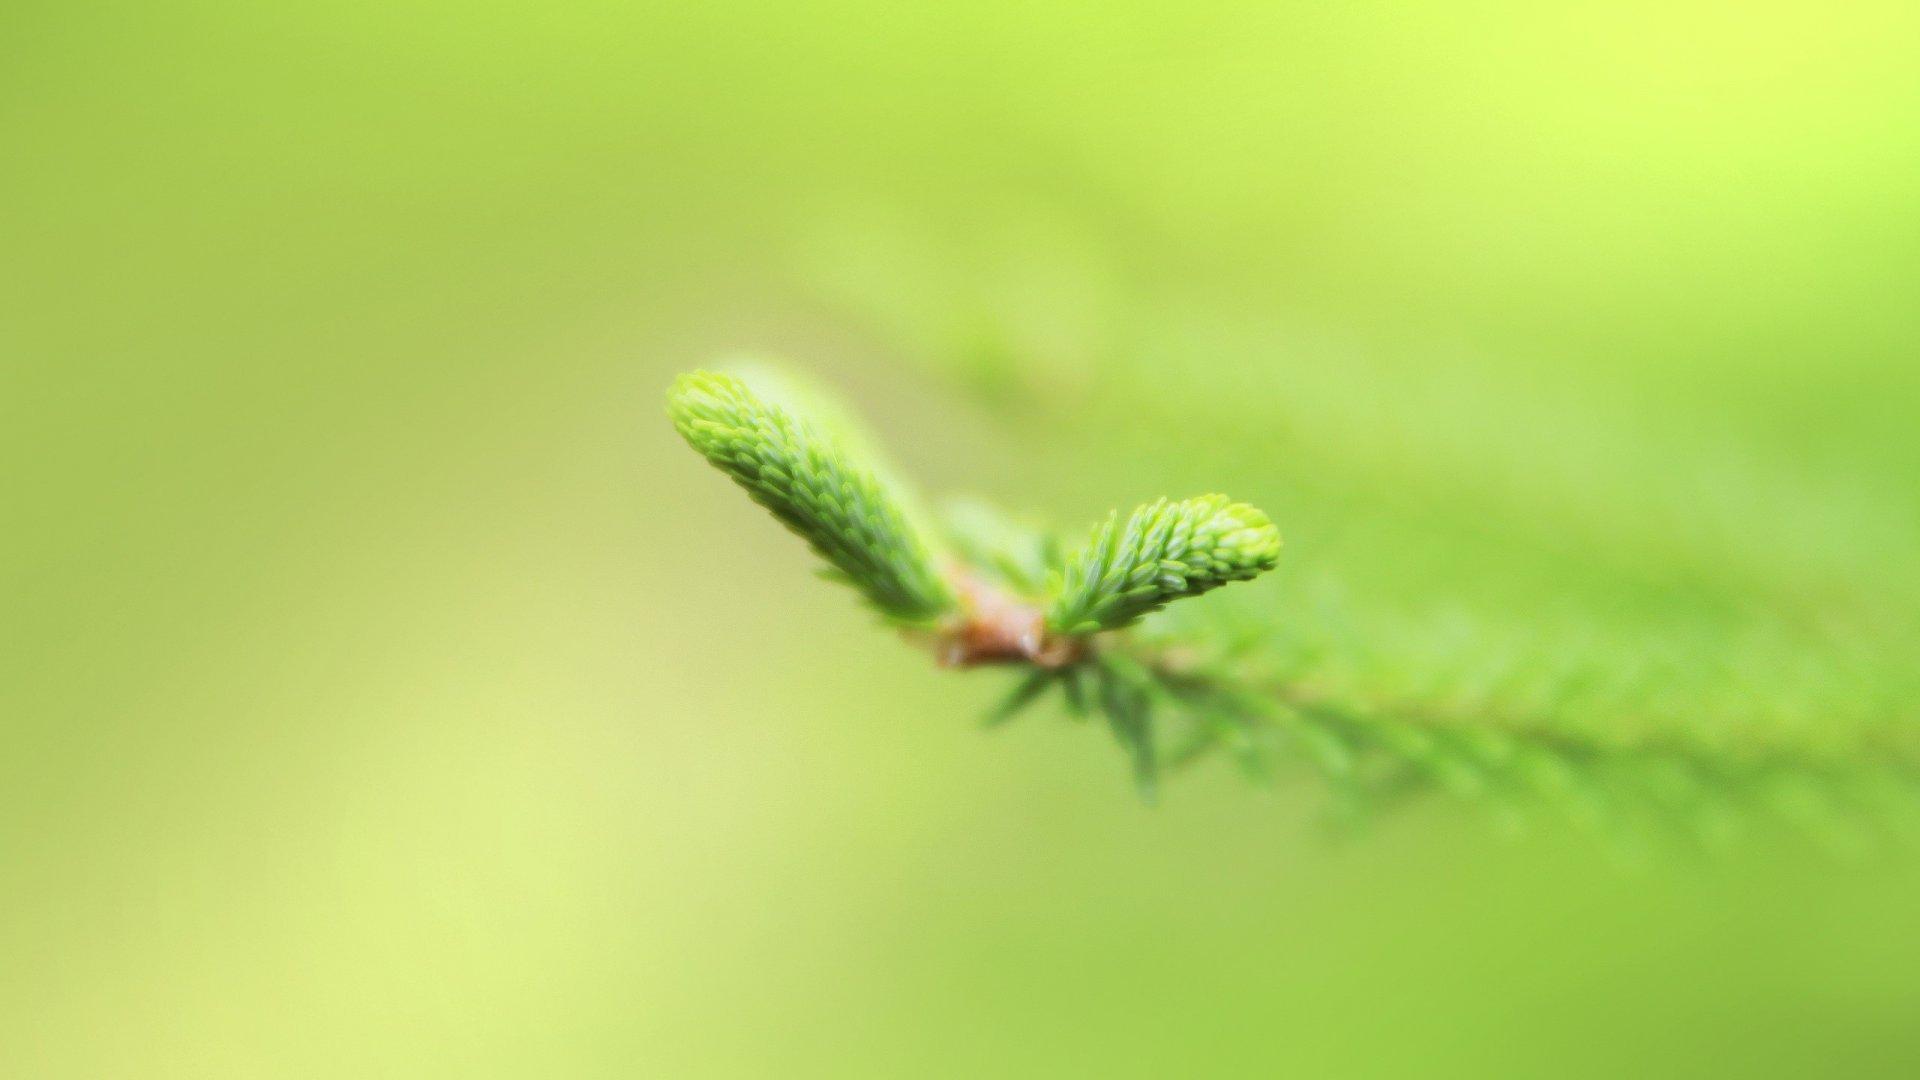 зелень ветка макро без смс